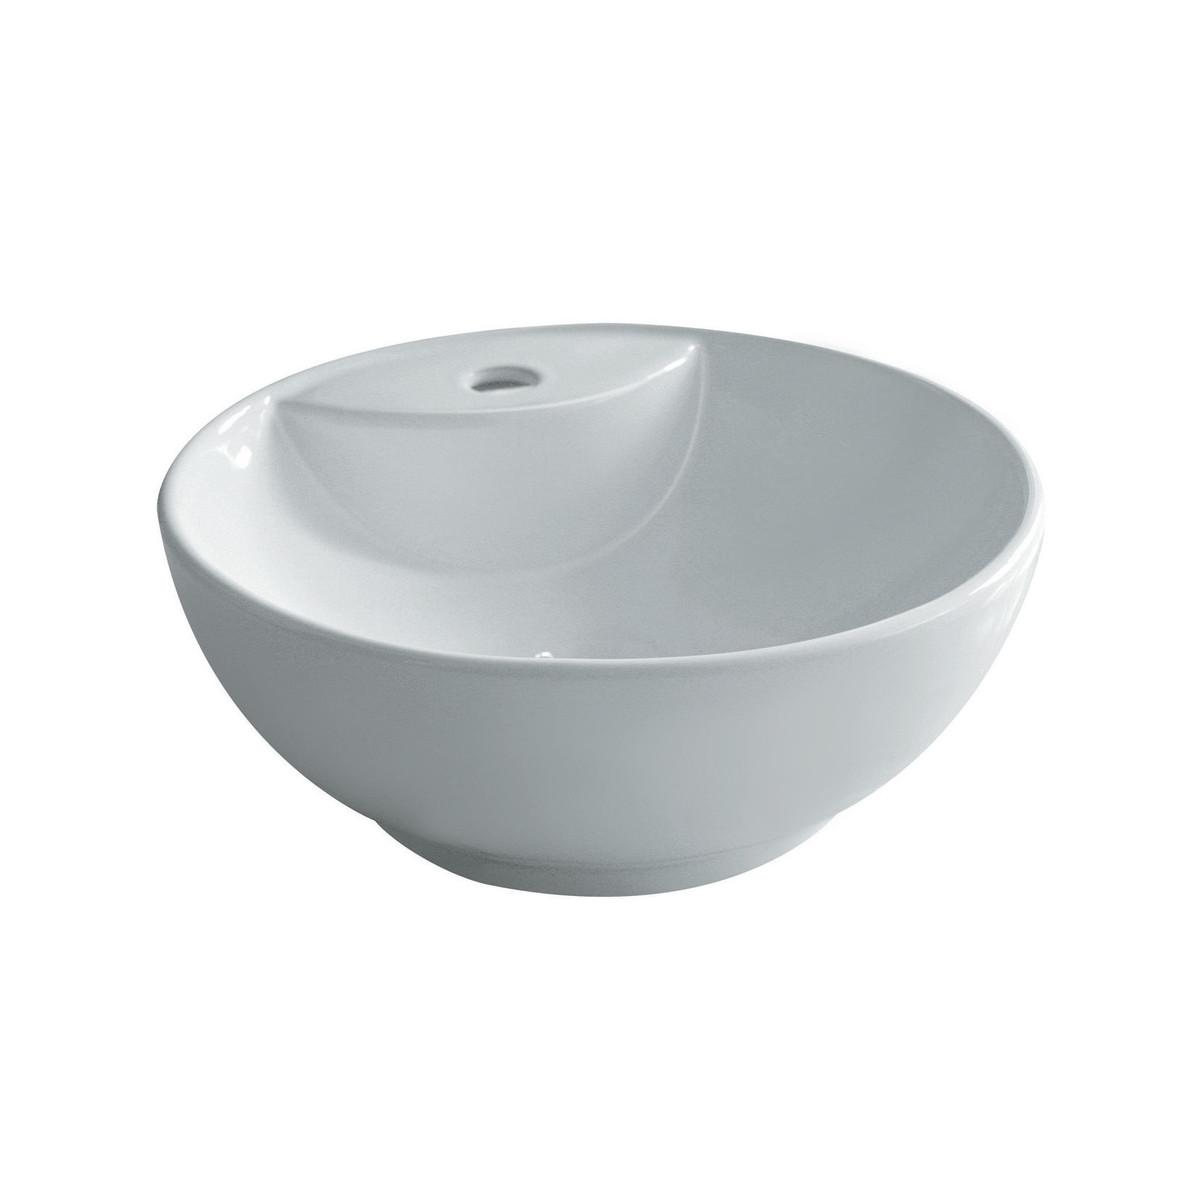 Lavabo Design Stoccolma Appoggio Ceramica Prezzo E